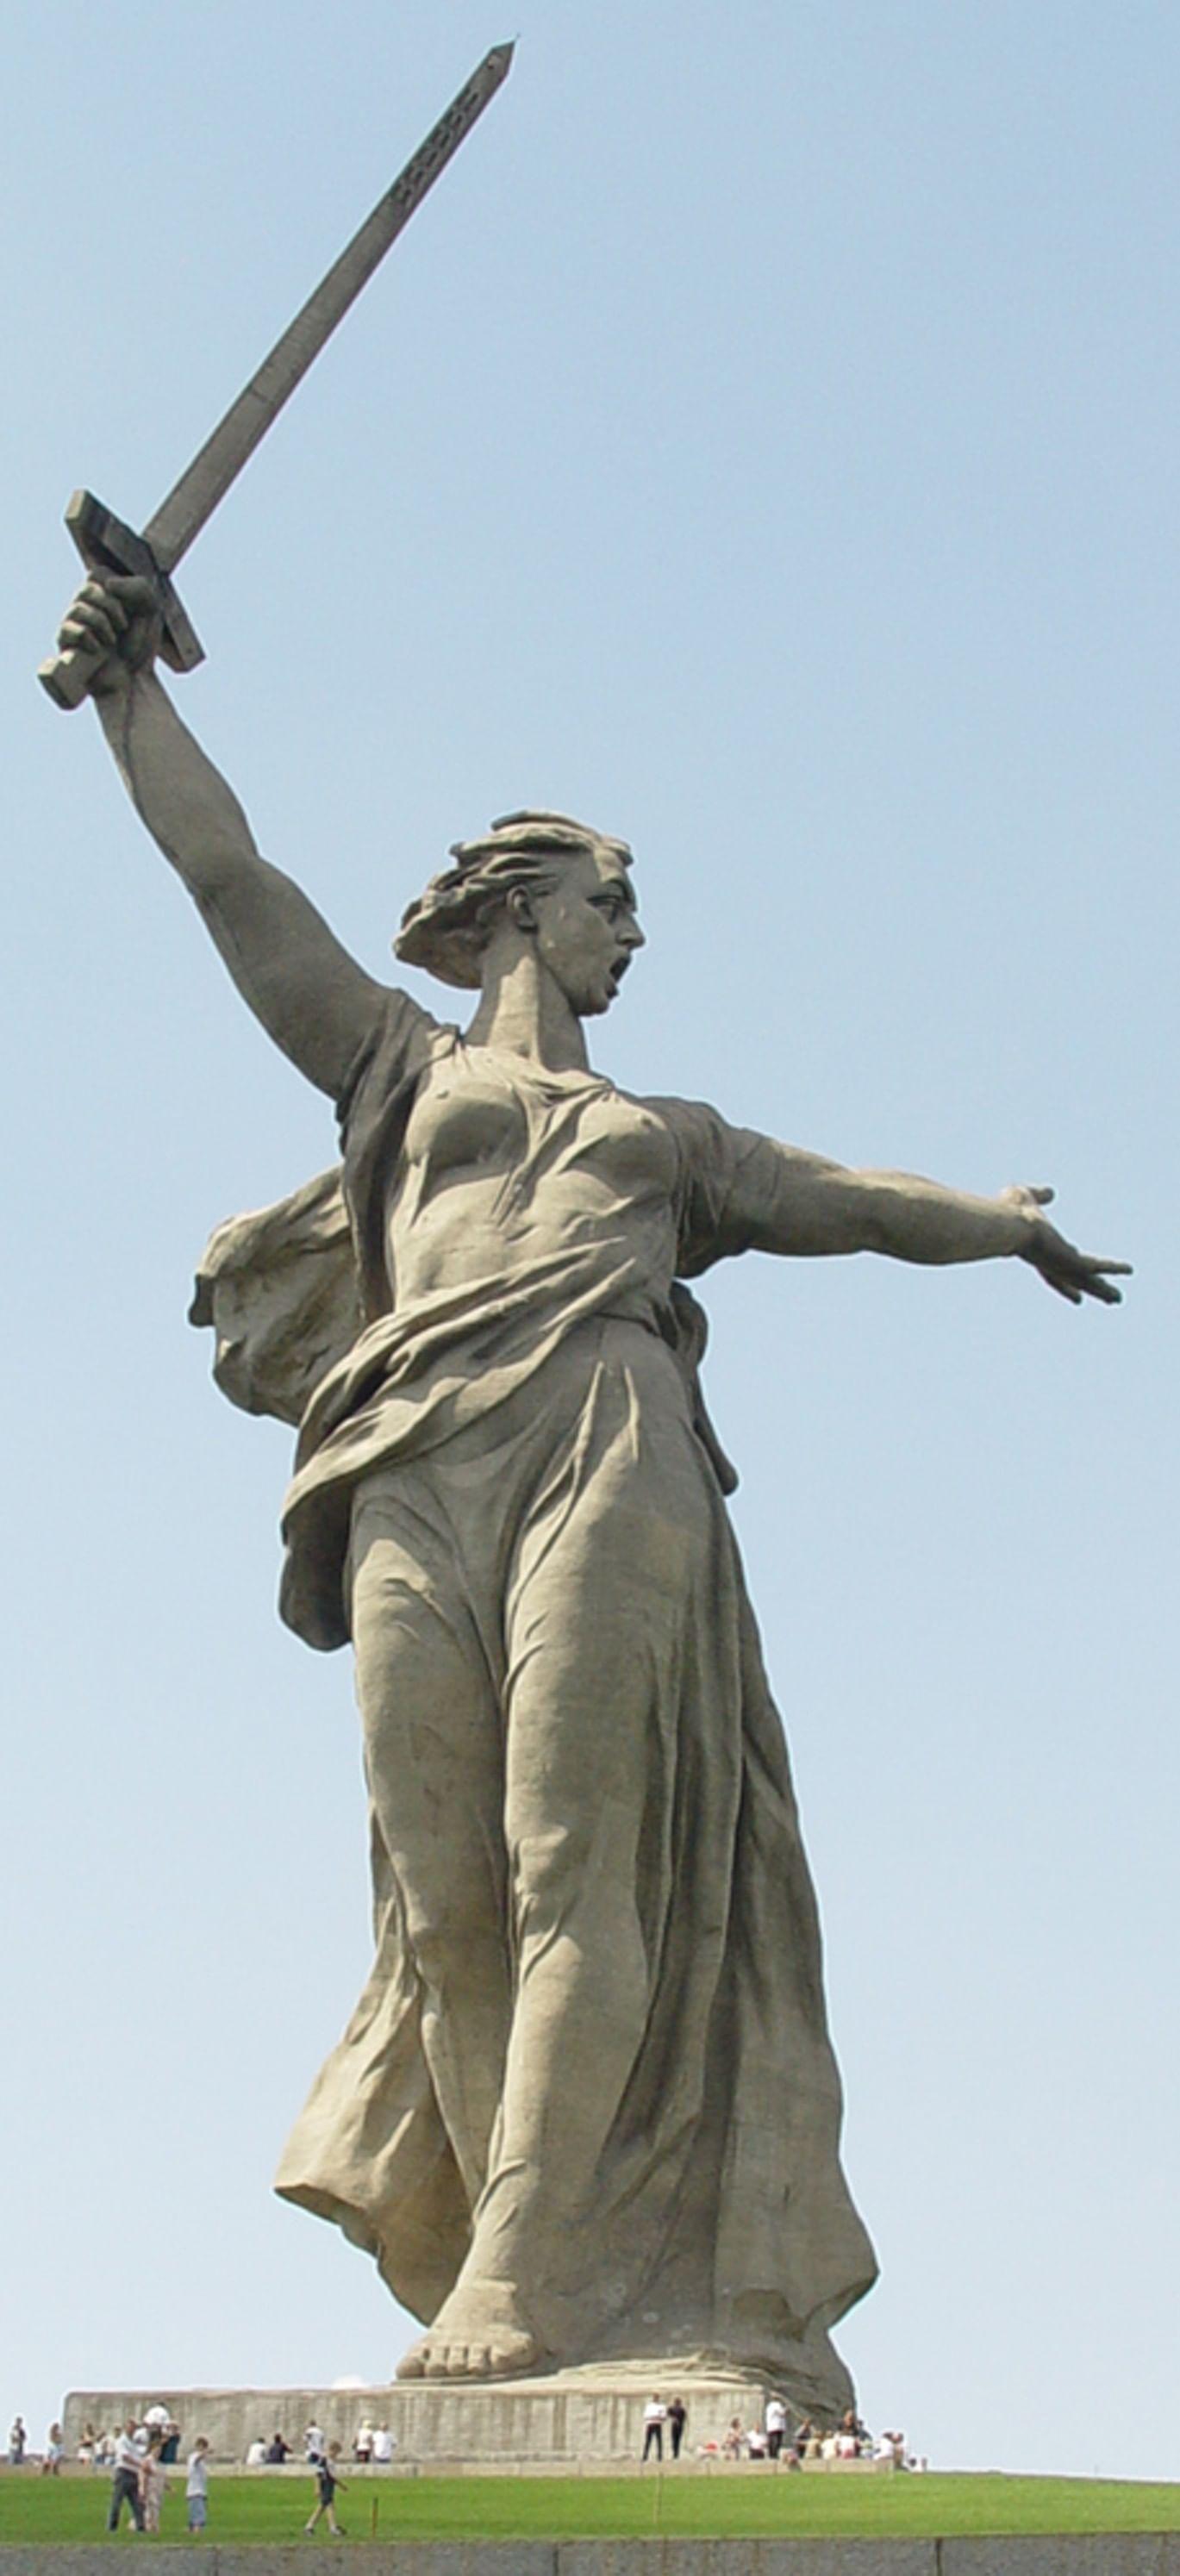 «Родина-мать зовет!» 10 фактов о монументе. Галерея 1